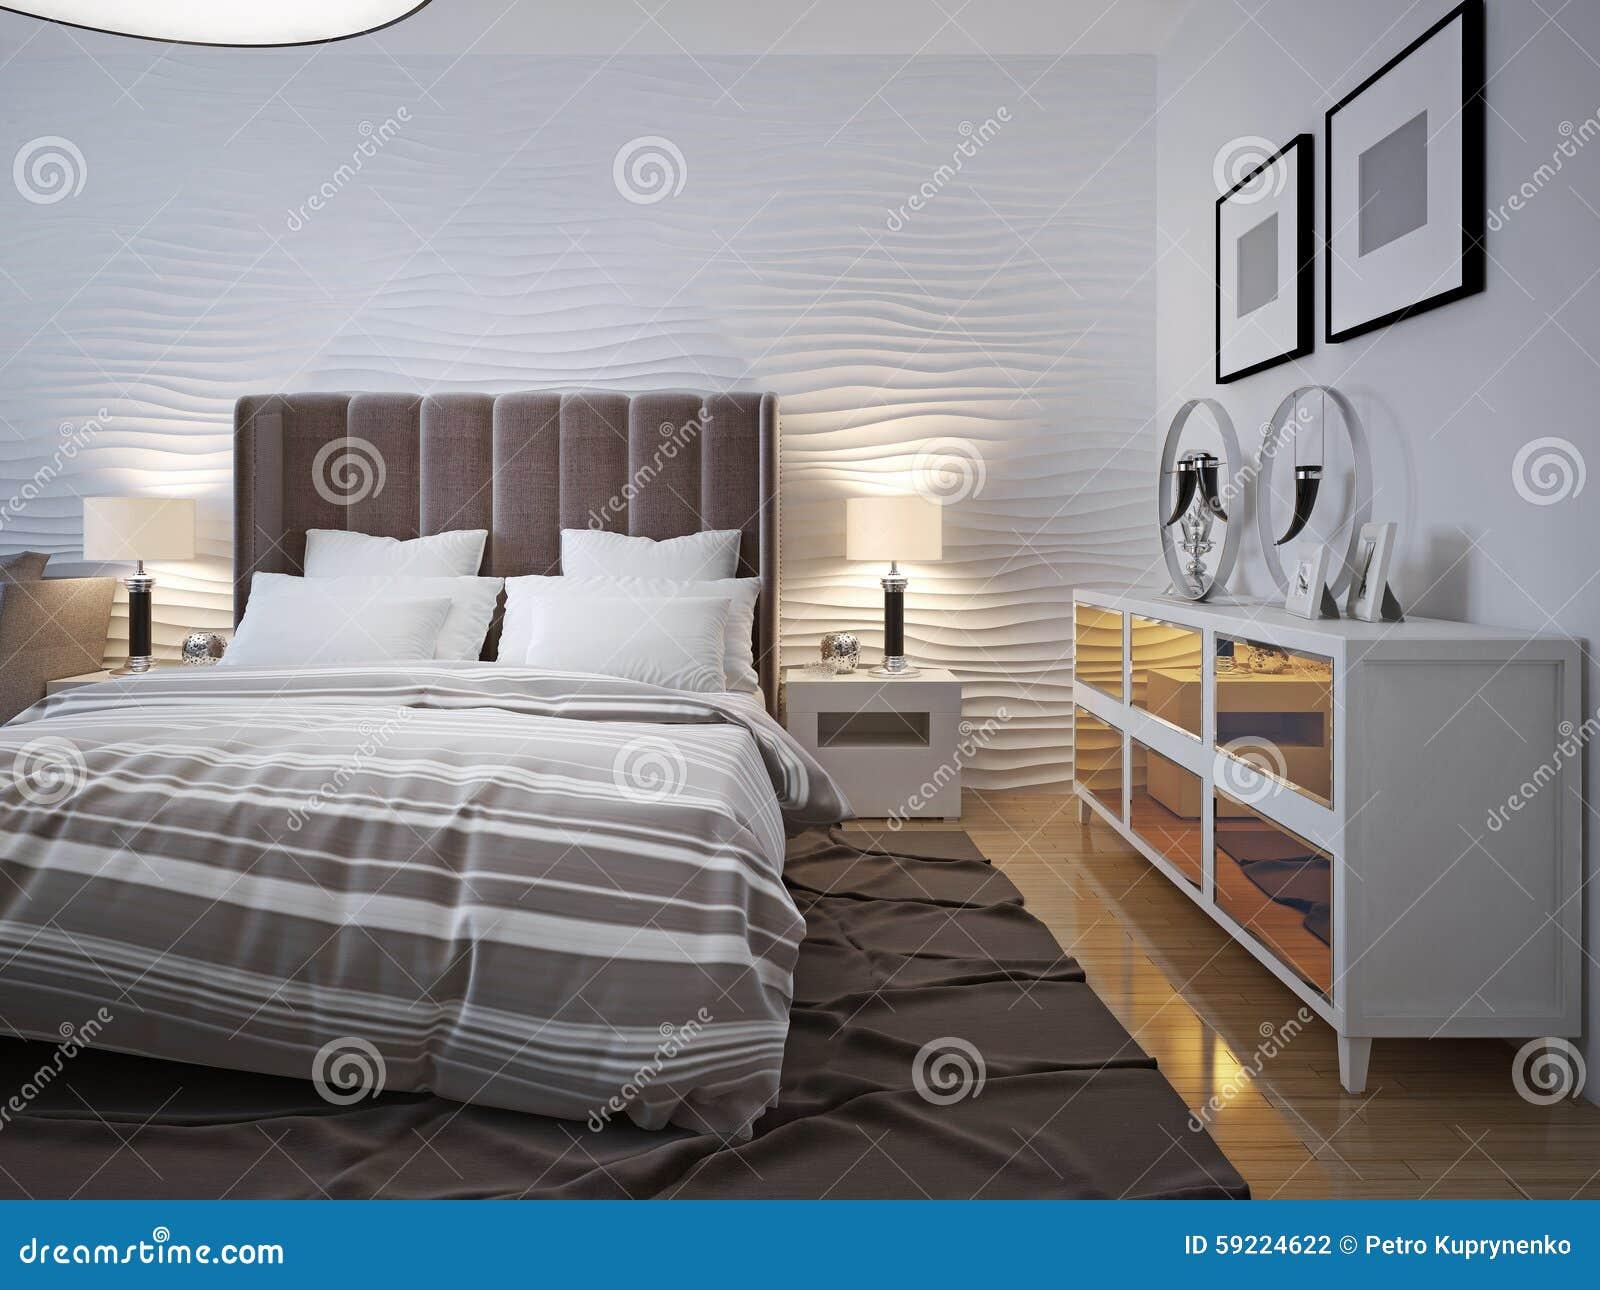 Credenza Per Camera Da Letto : Camera da letto moderna con la tendenza della credenza fotografia